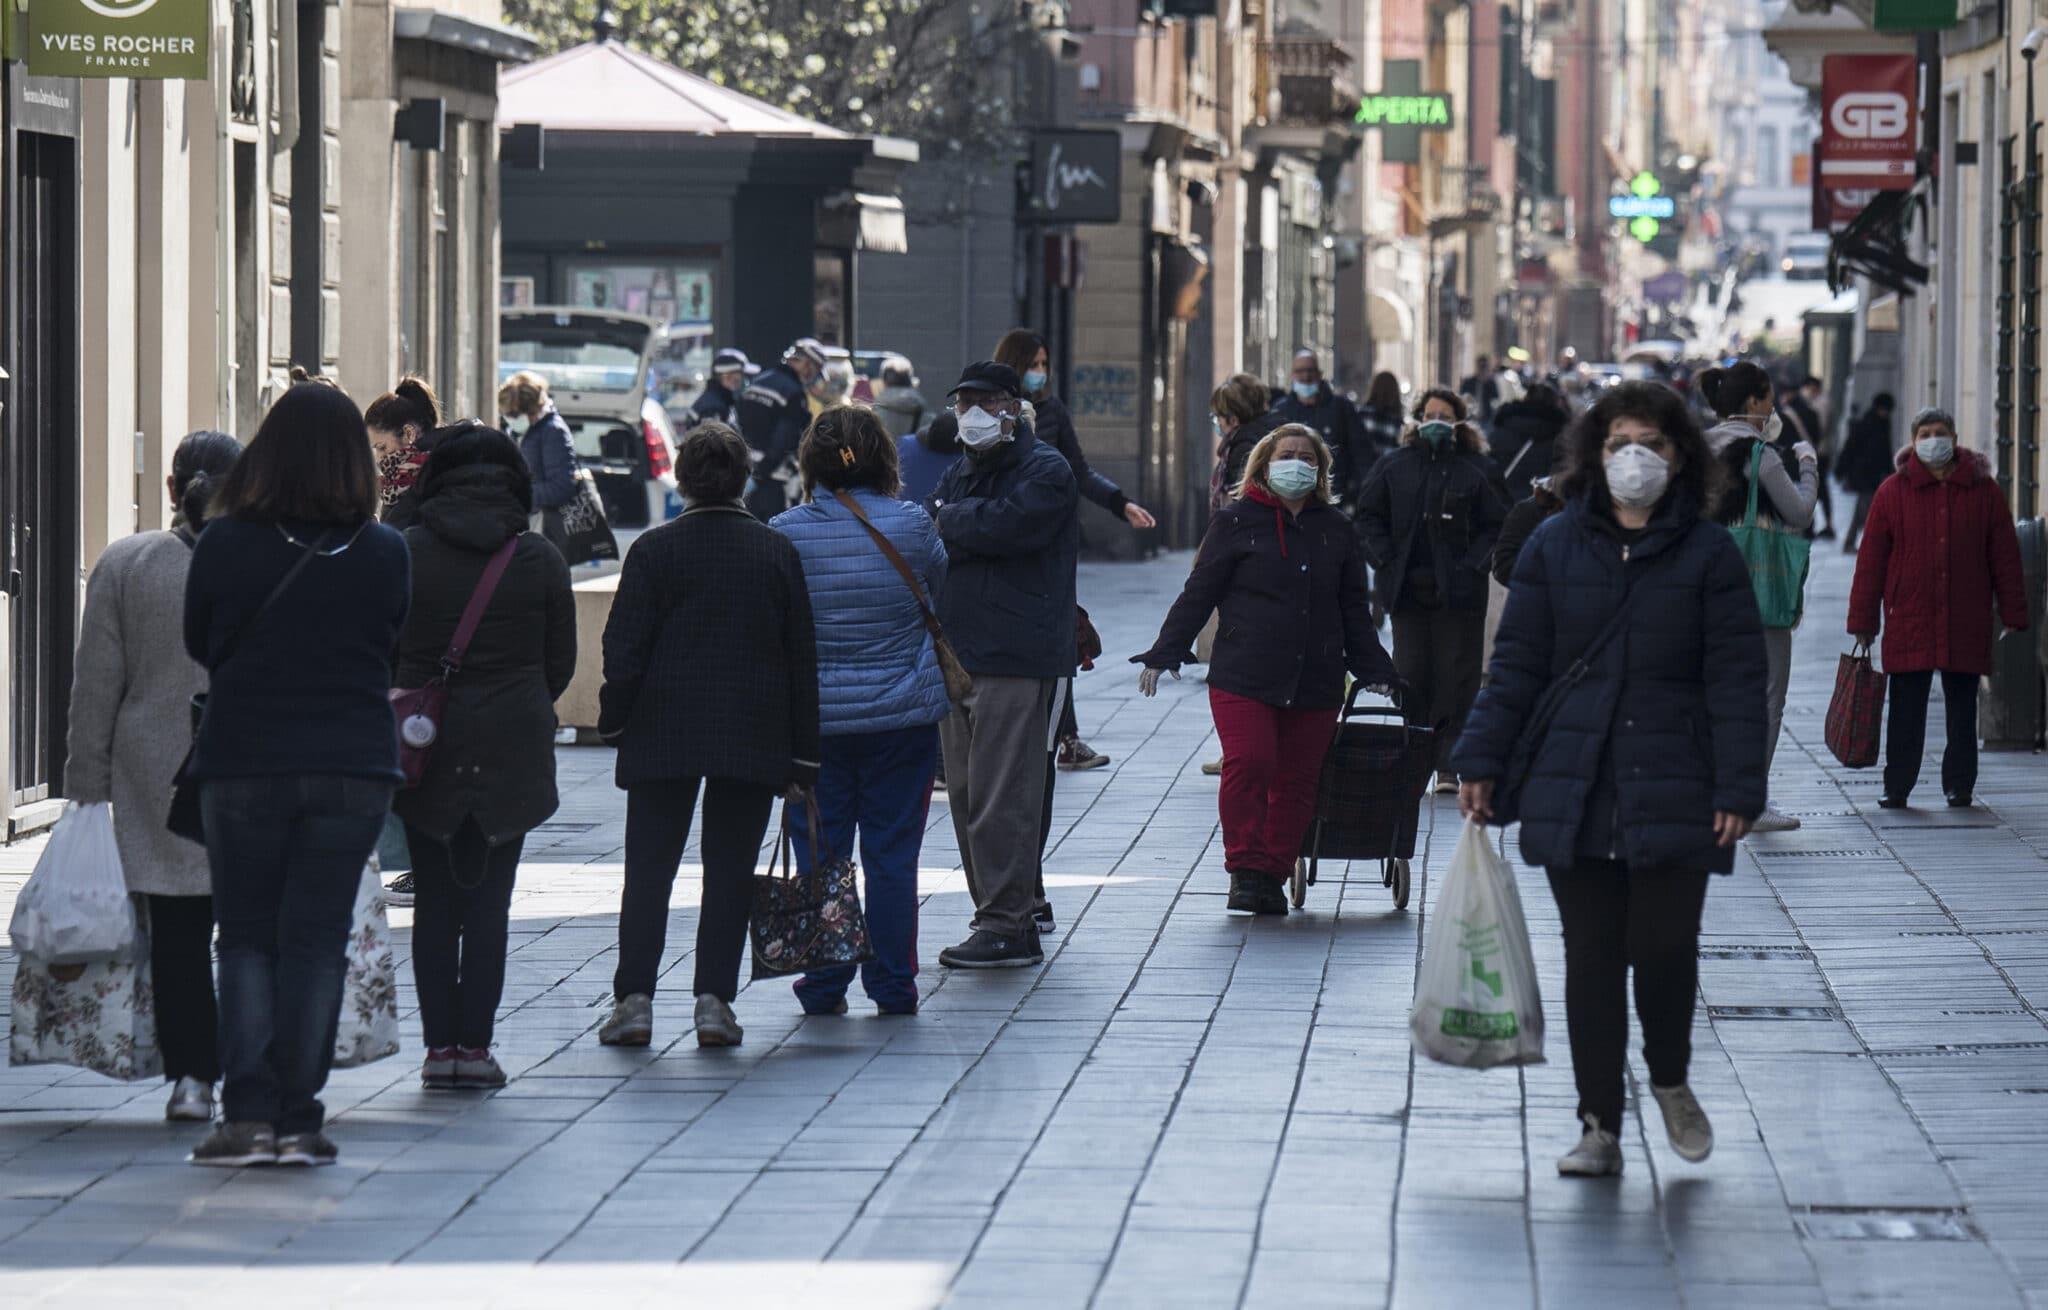 Italiani insofferenti: non intendono stare a casa e vanno a zonzo. Del resto, il Dpcm vieta il lavoro ma autorizza il bighellonaggio.<br> Misure inefficaci contro il virus però efficaci nel distruggere l'economia